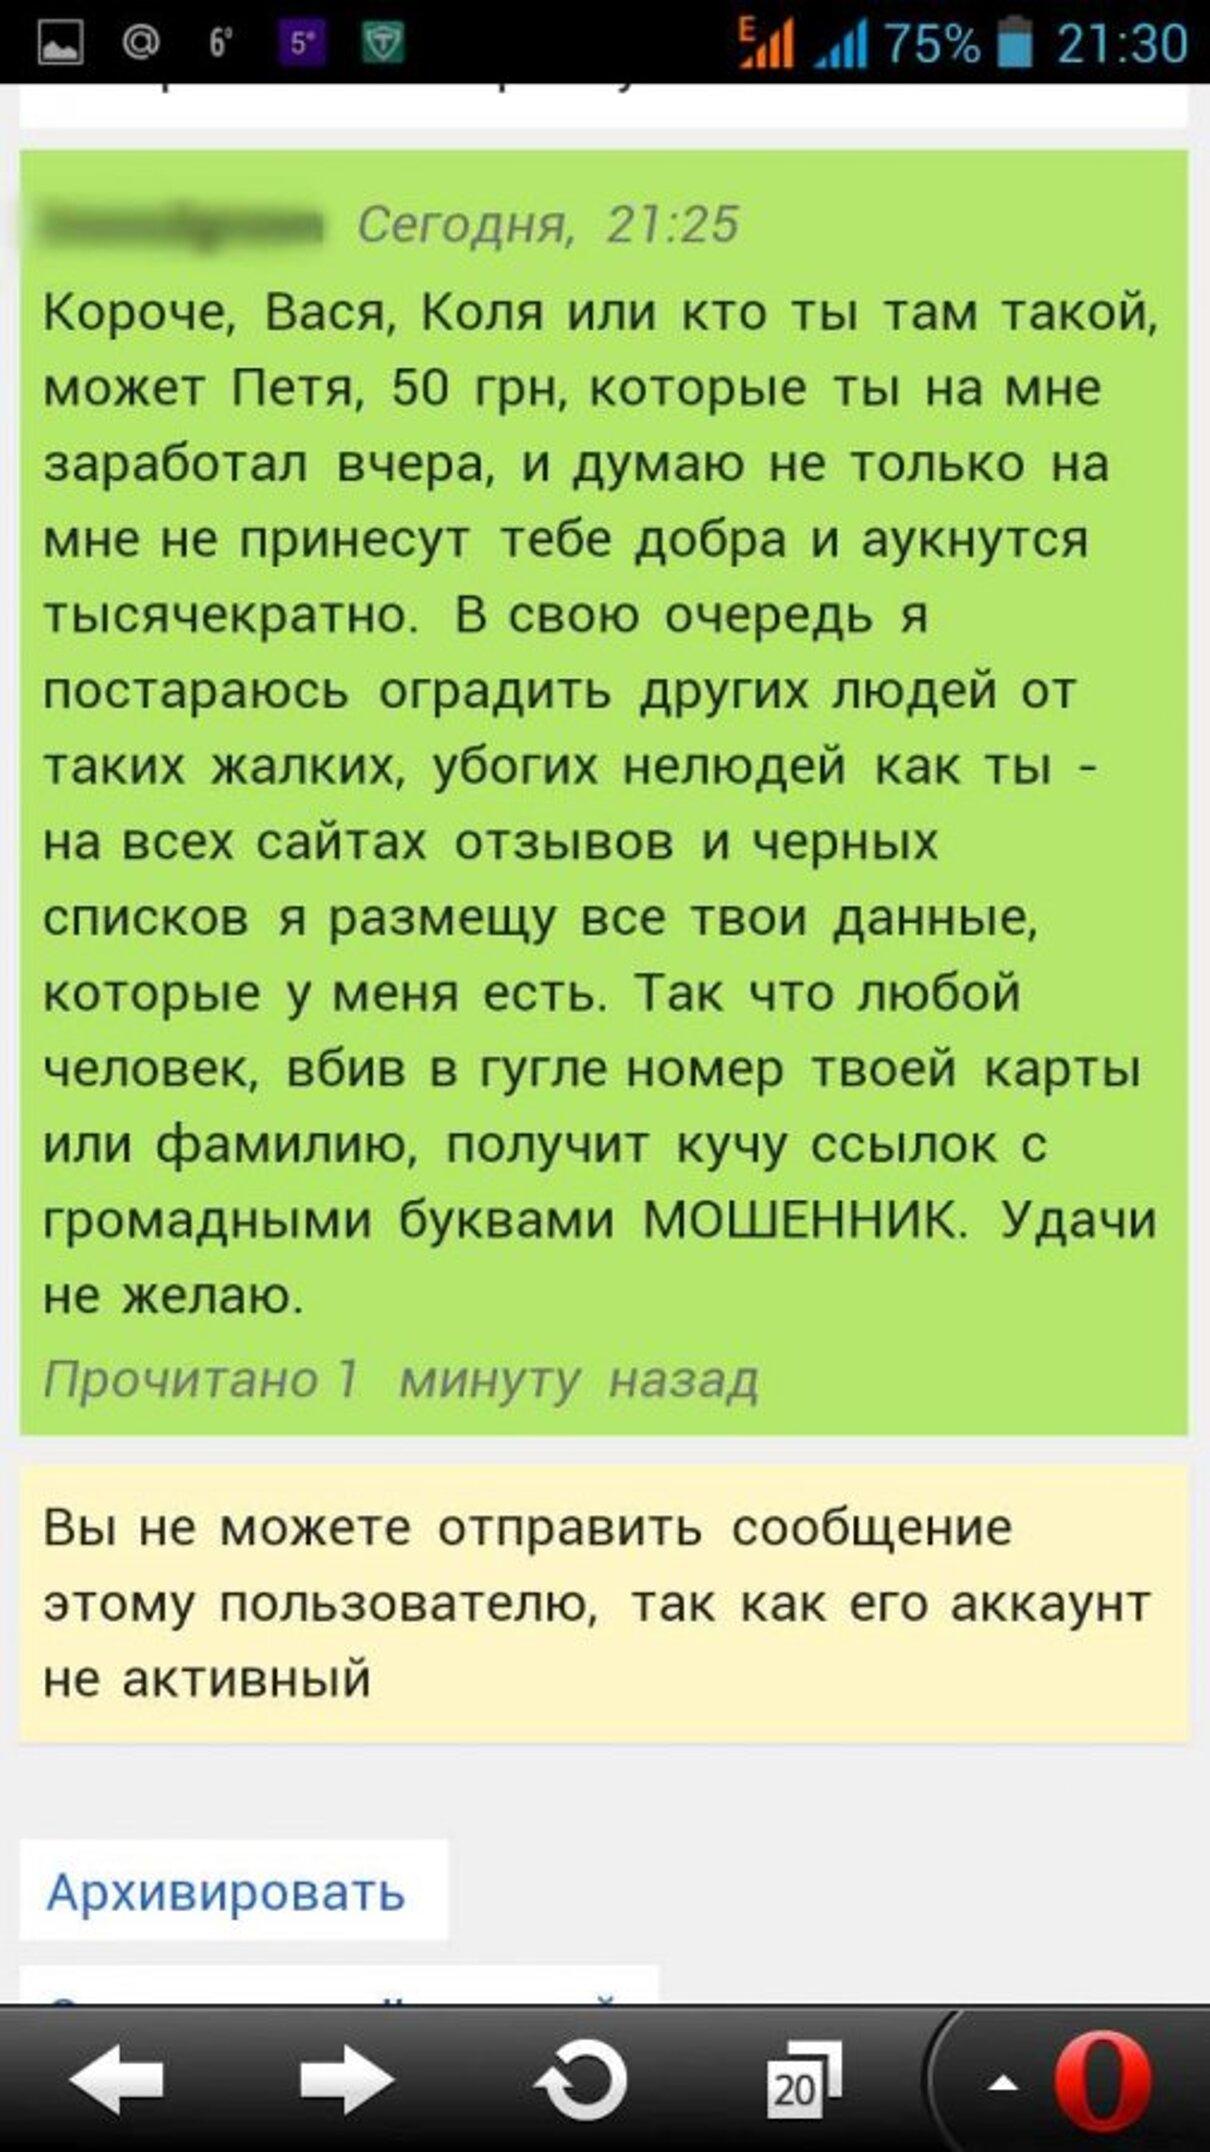 Жалоба-отзыв: Барилюк Ярослав Валерьевич - Мошенник на olx.  Фото №4